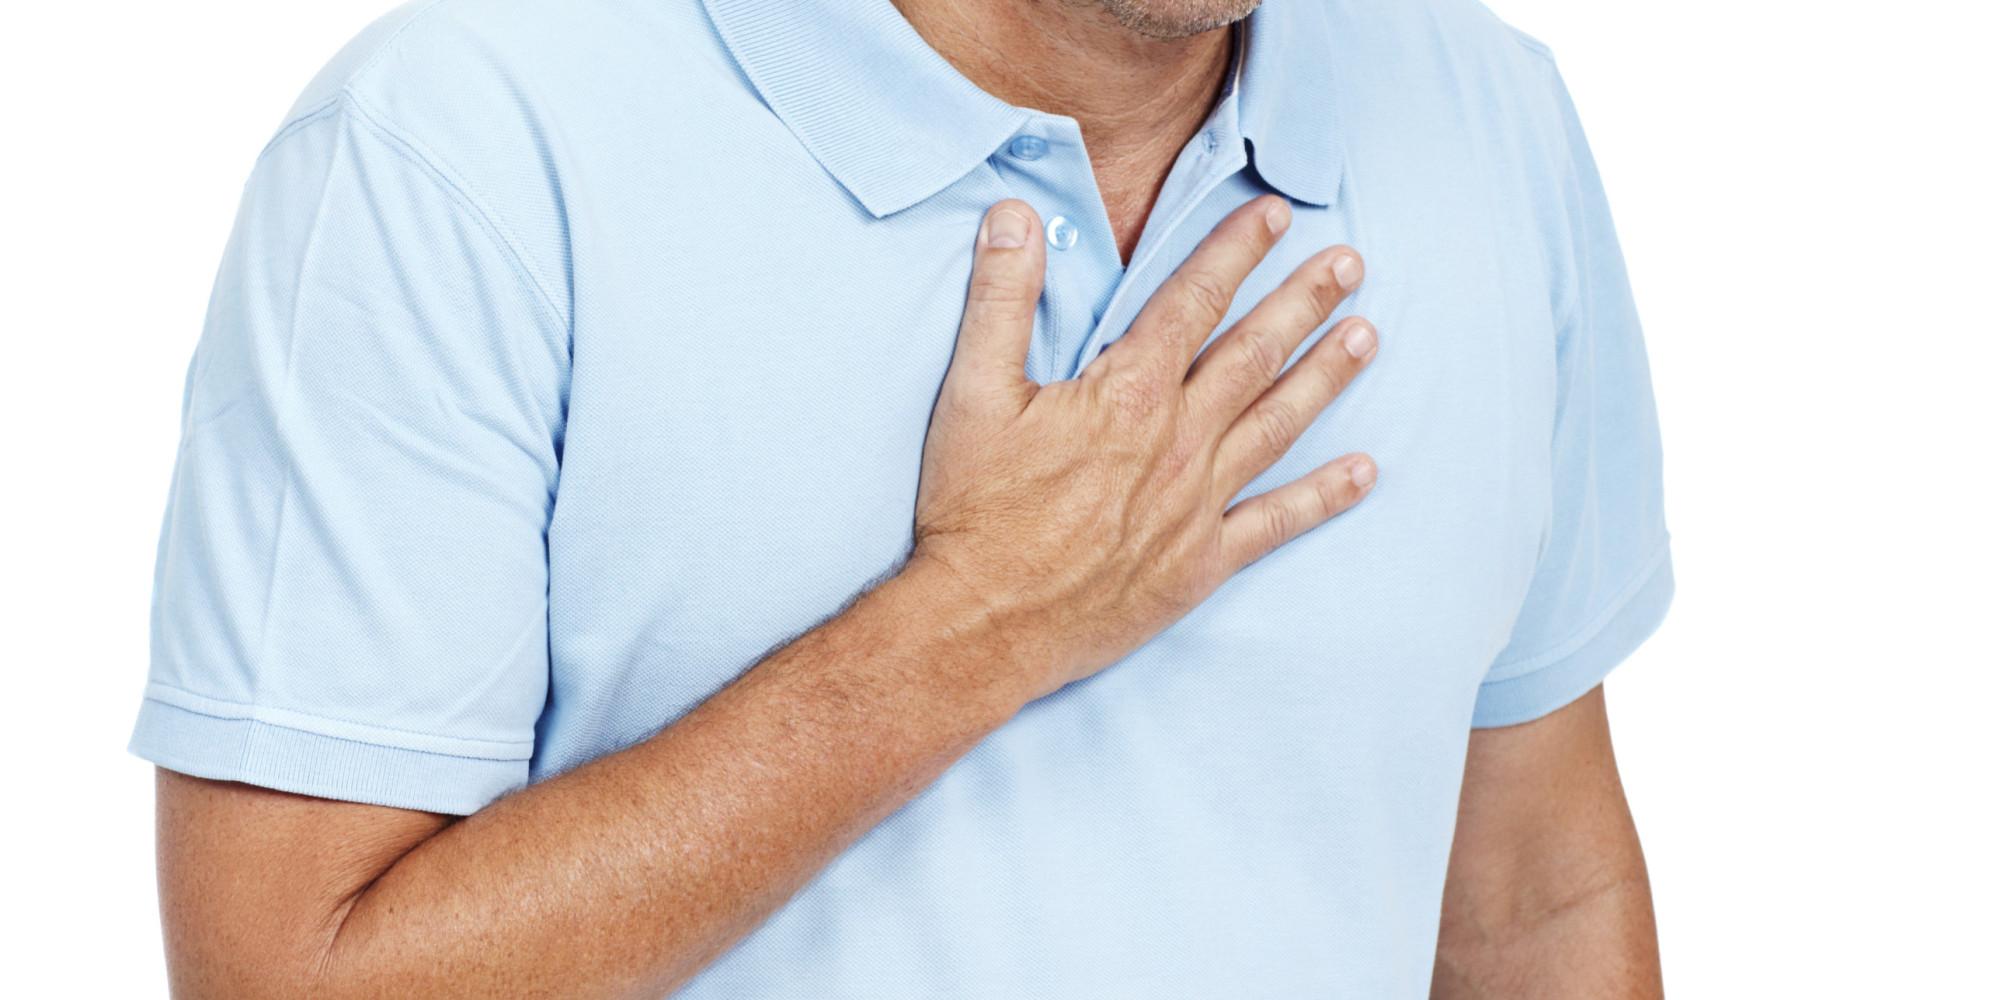 Lei Antifumo acelerou queda das internações por doença cardiovascular